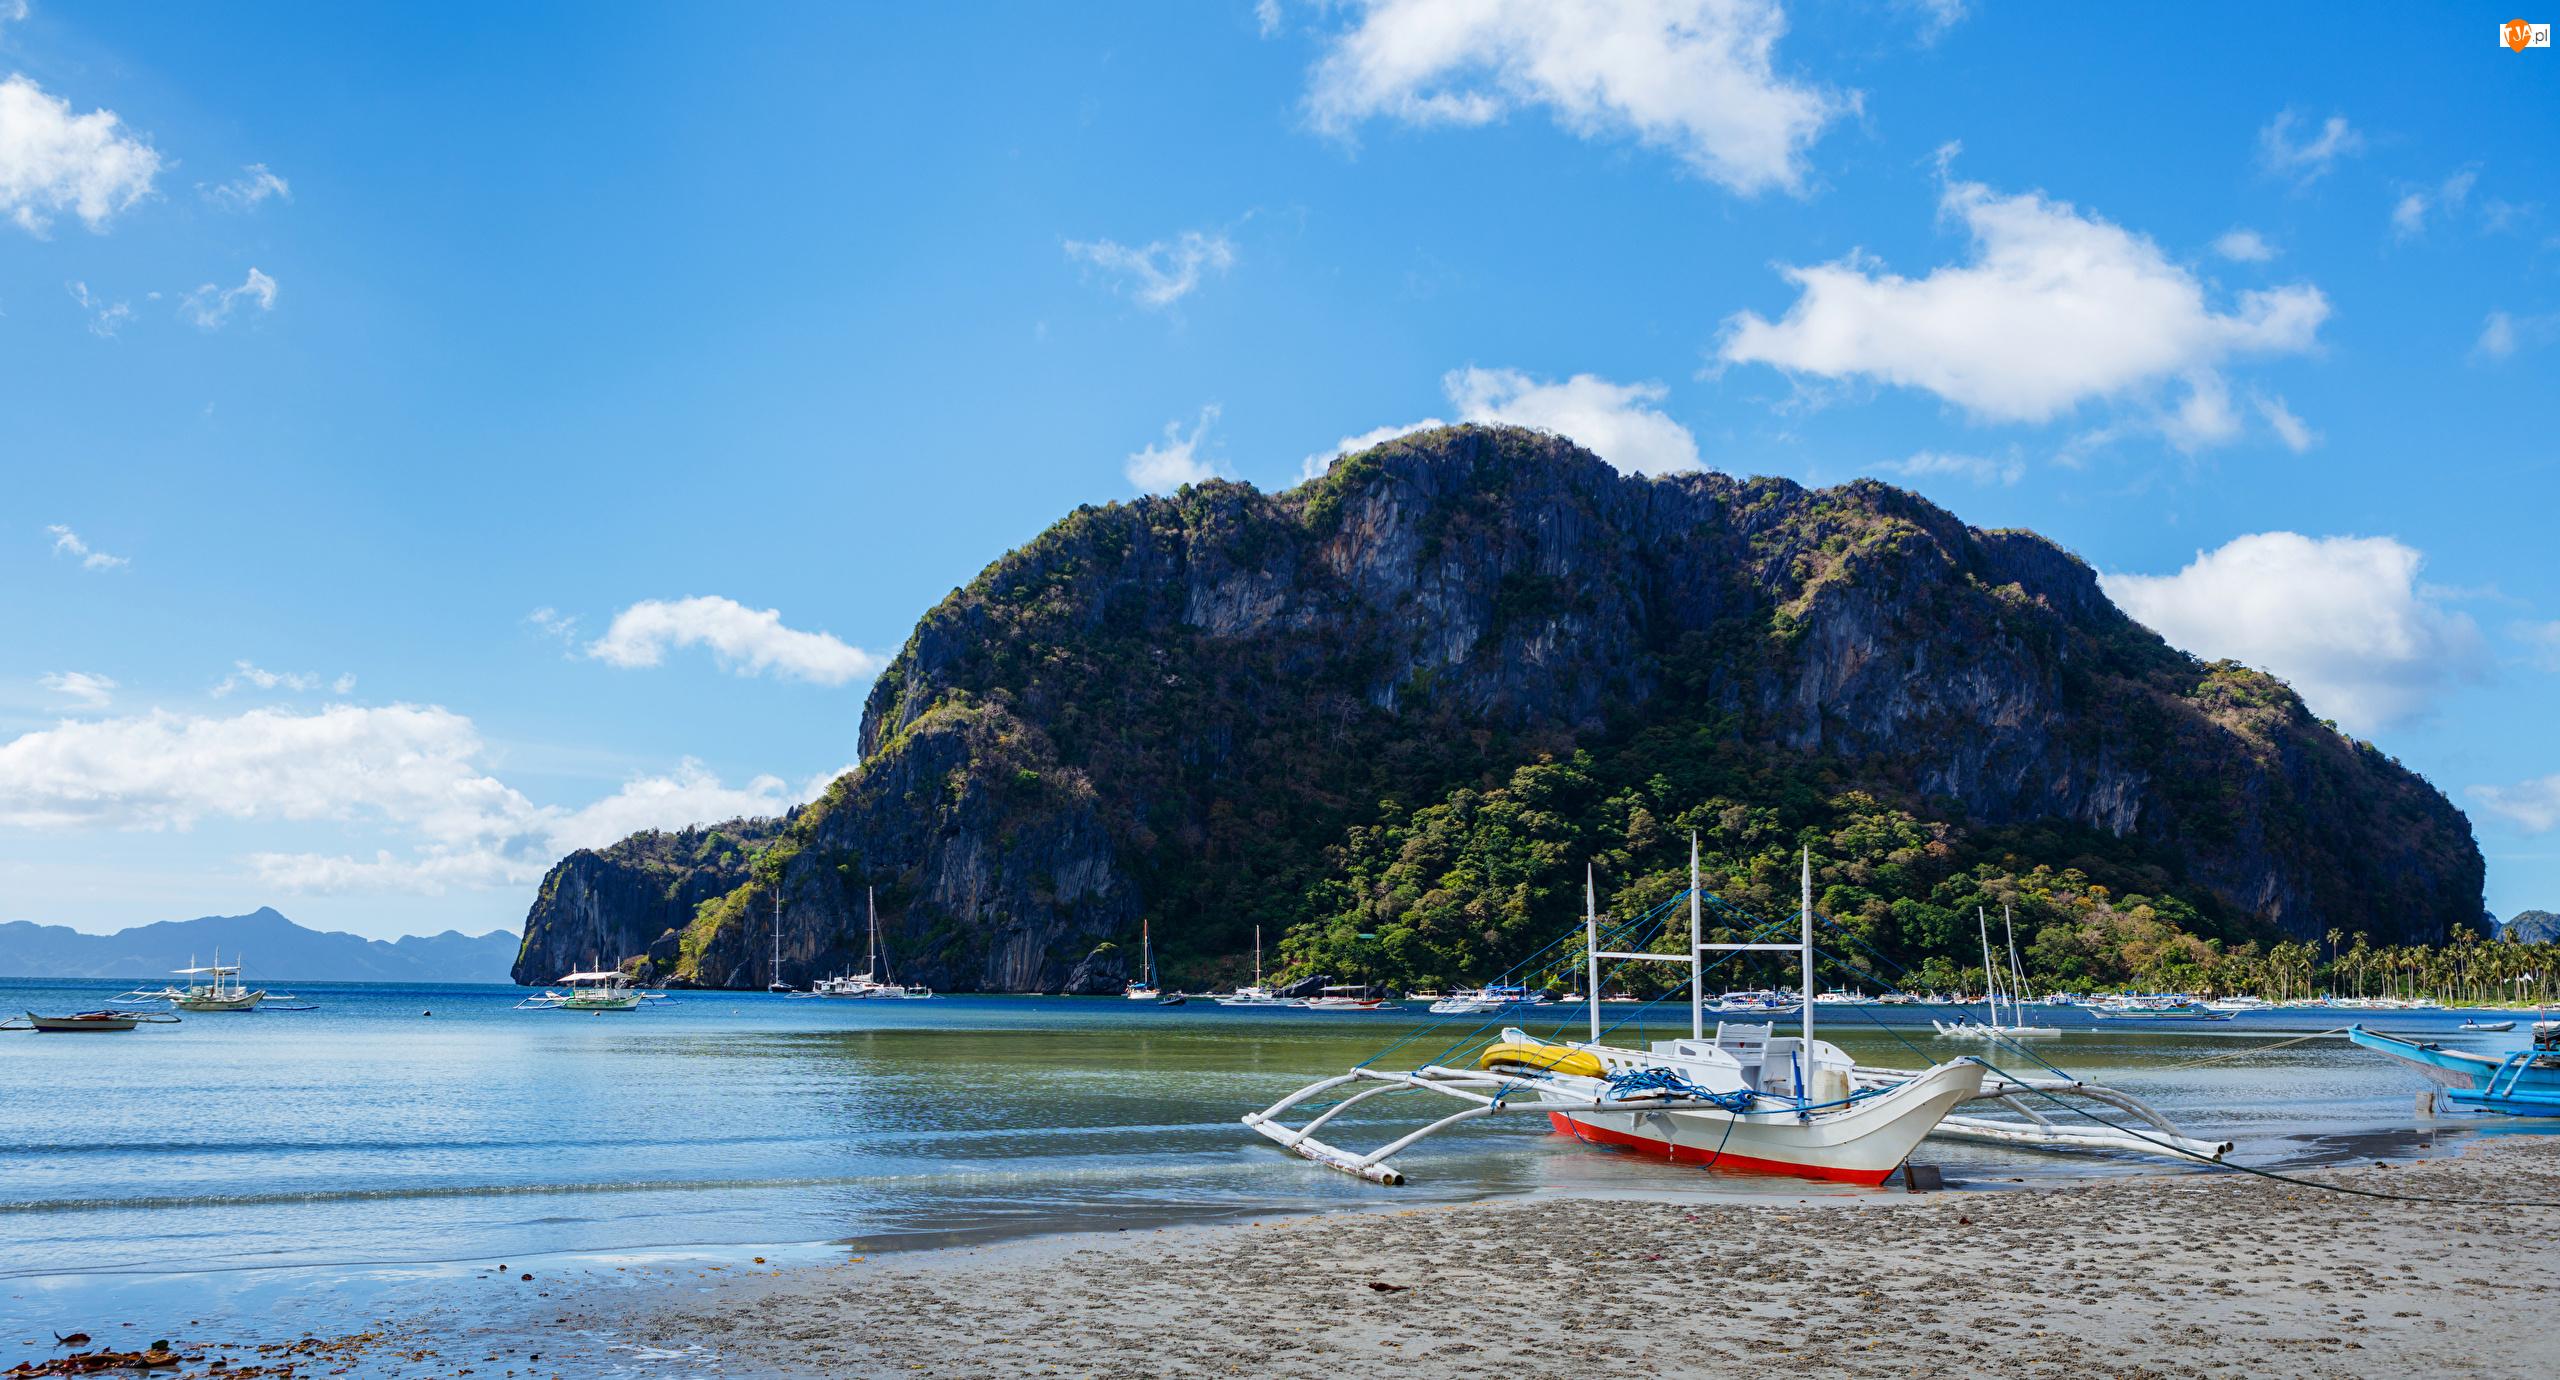 Filipiny, Łódki, Morze, Skały